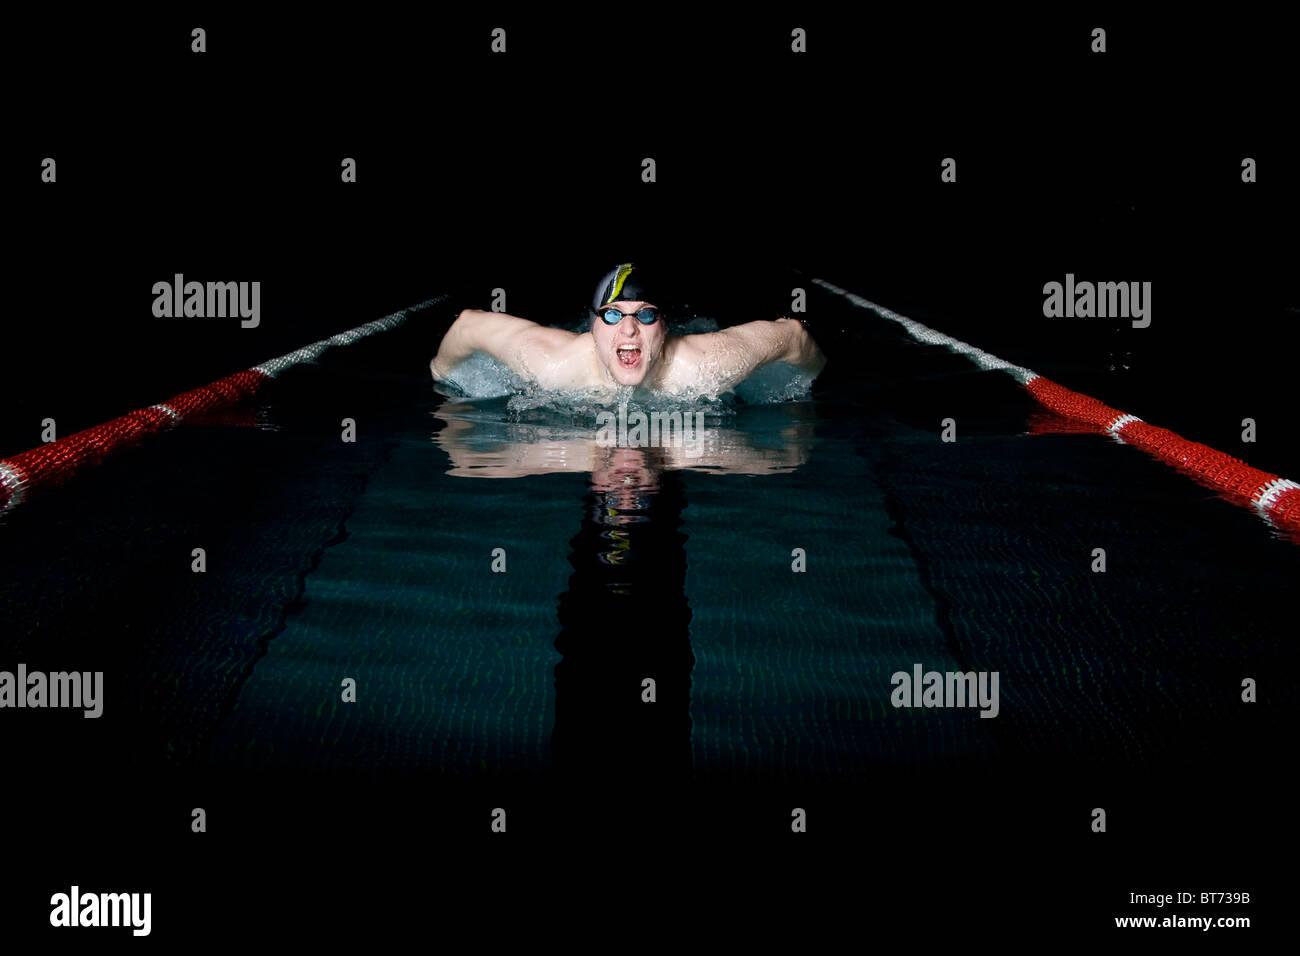 Nageur professionnel prenant souffle durant la natation papillon Photo Stock